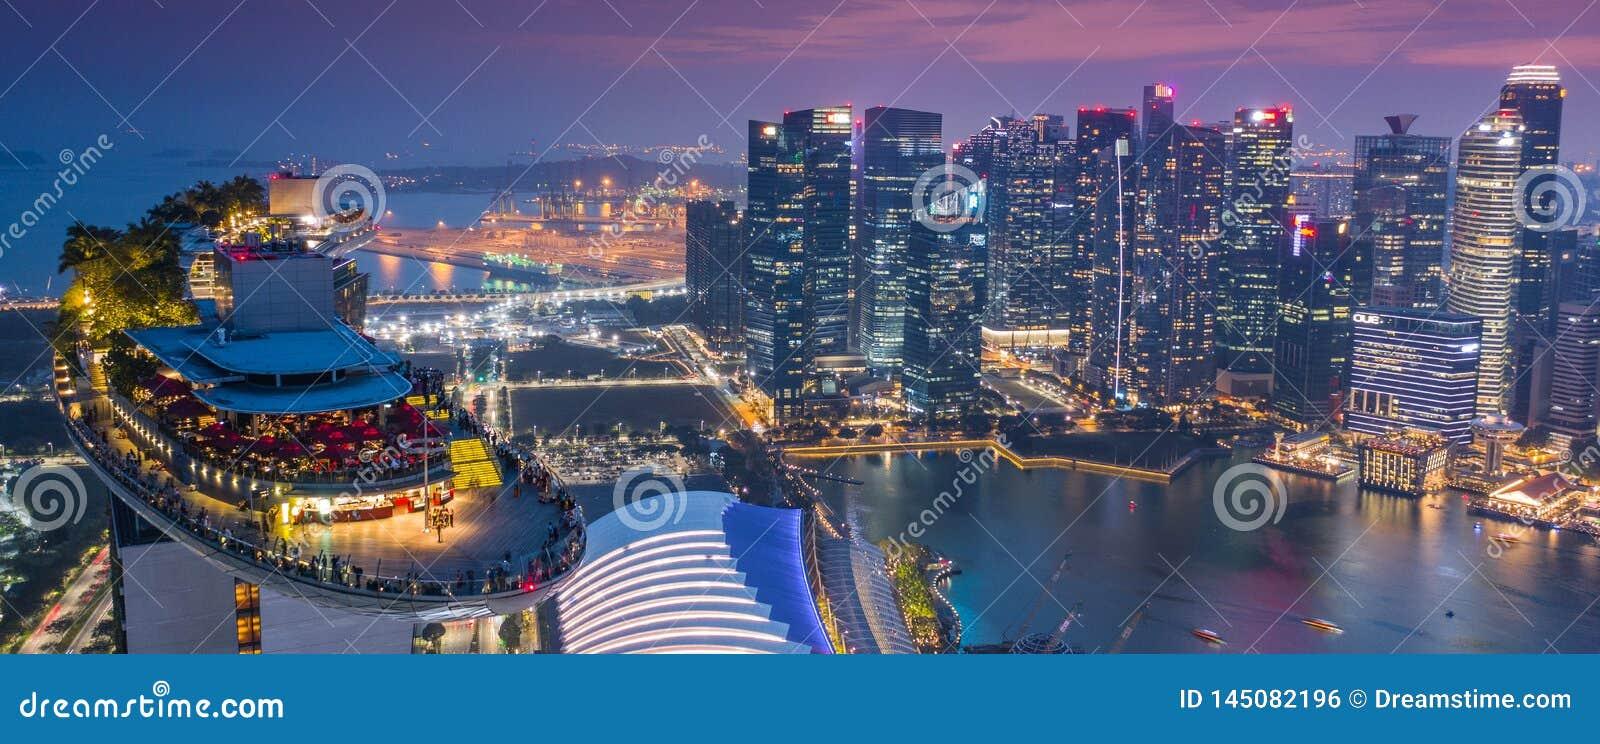 Marina Bay Hotel Skypark Skygarden Skybar à Singapour - vaisseau spatial